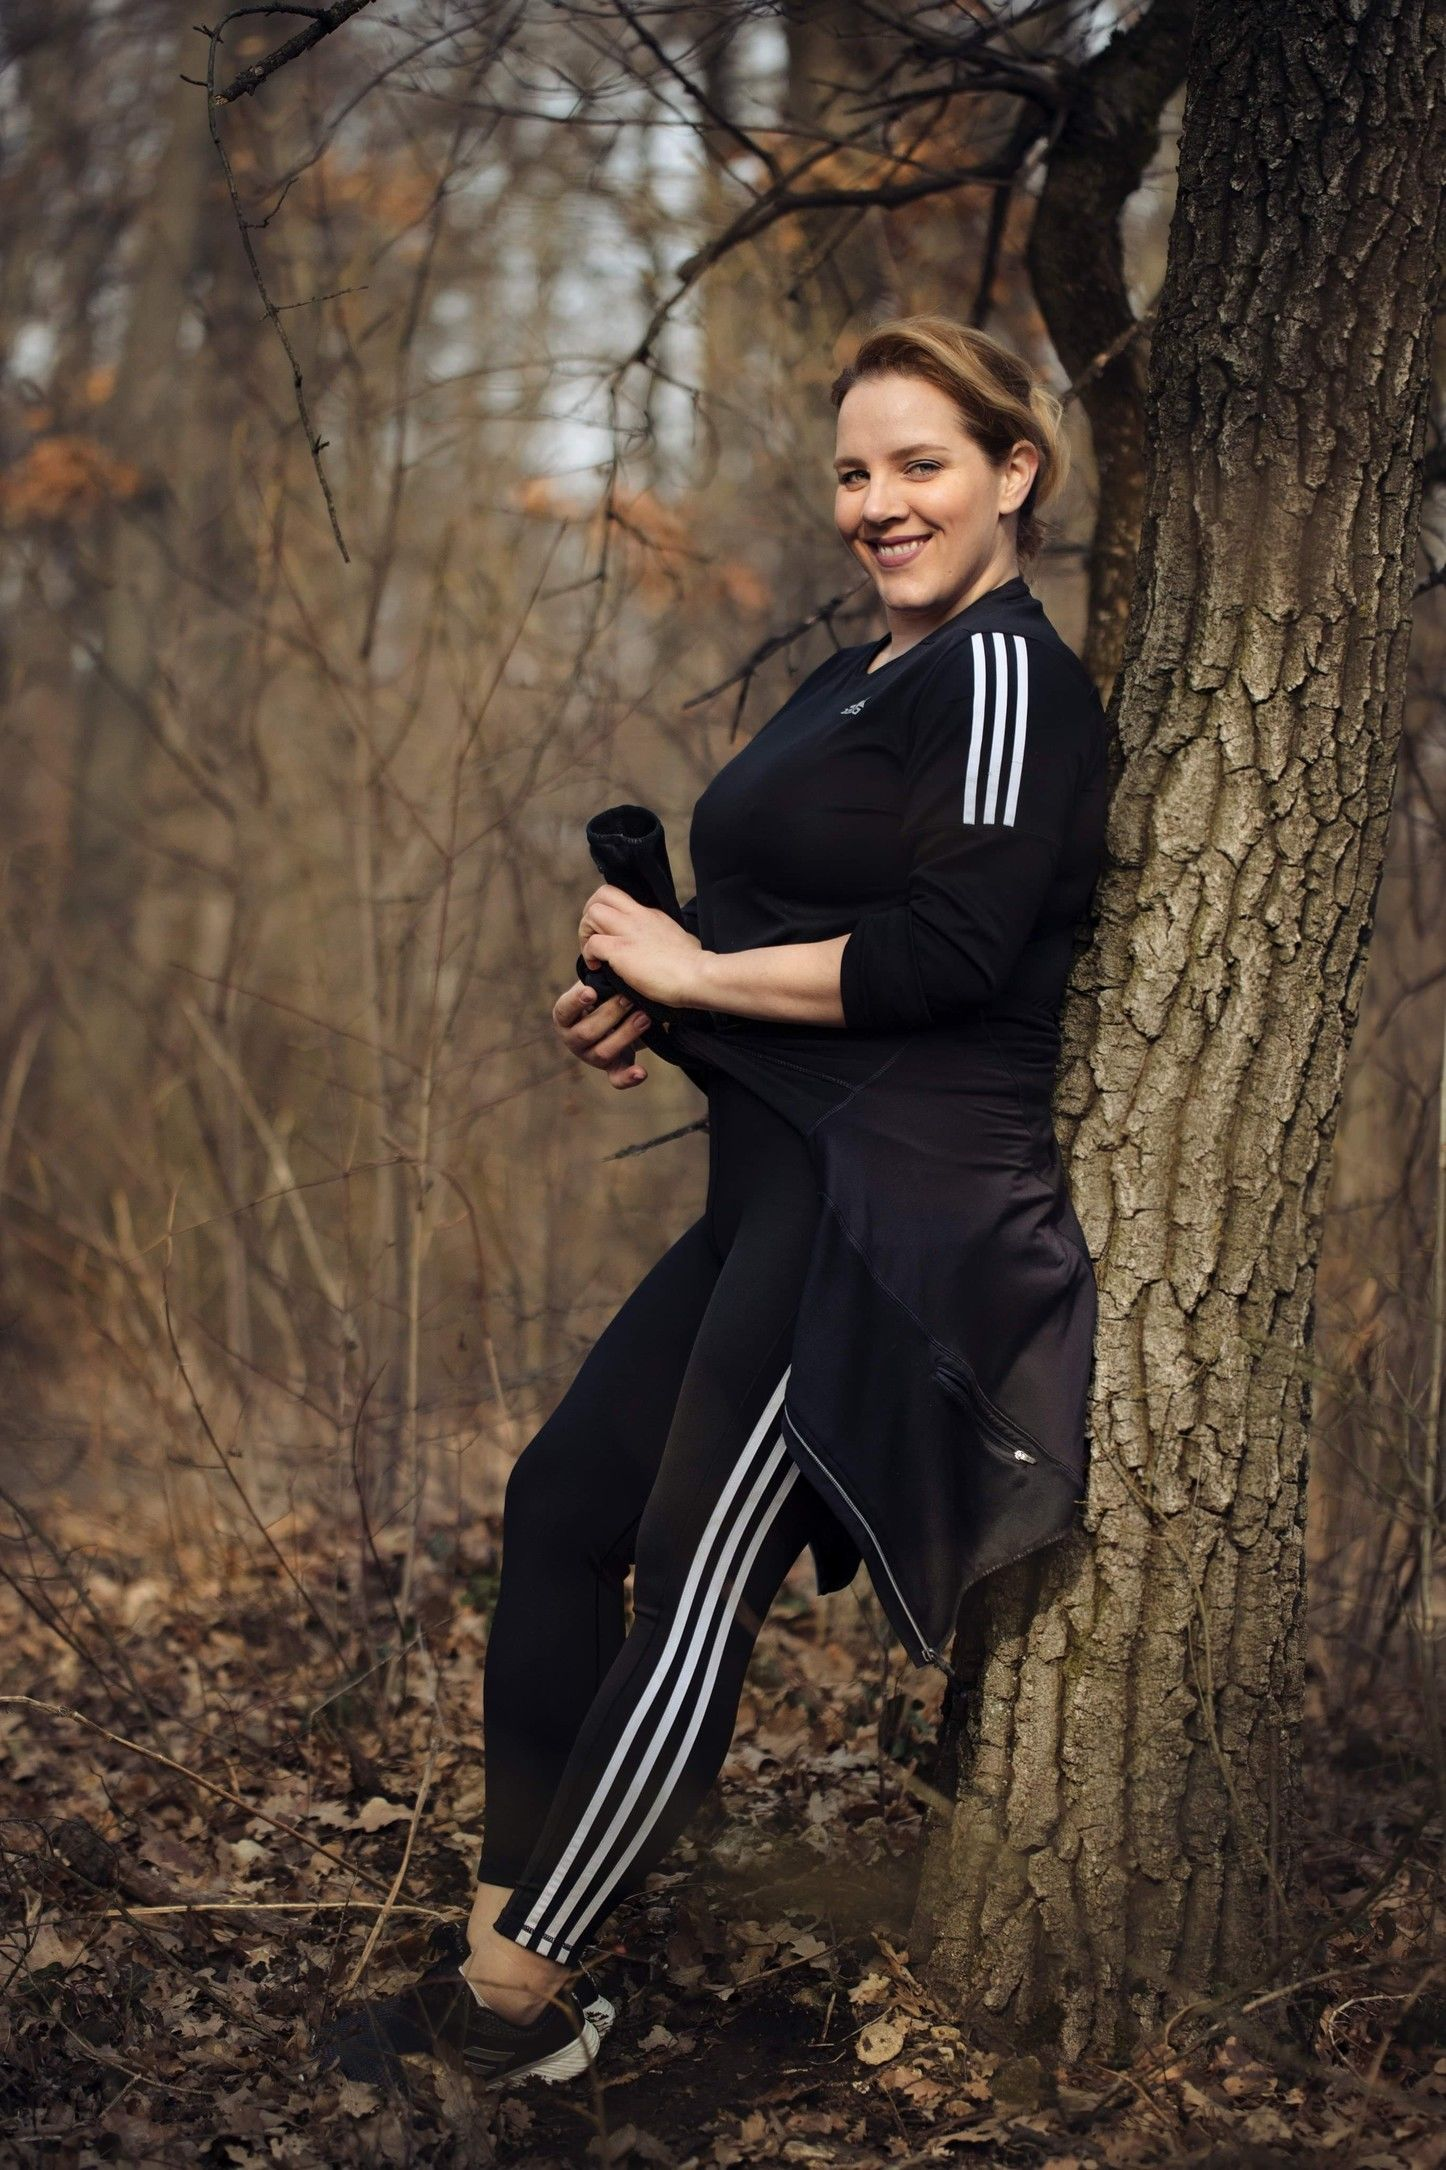 Tóth Vera is alternatív módot választott az edzéshez (Fotó: Adidas)